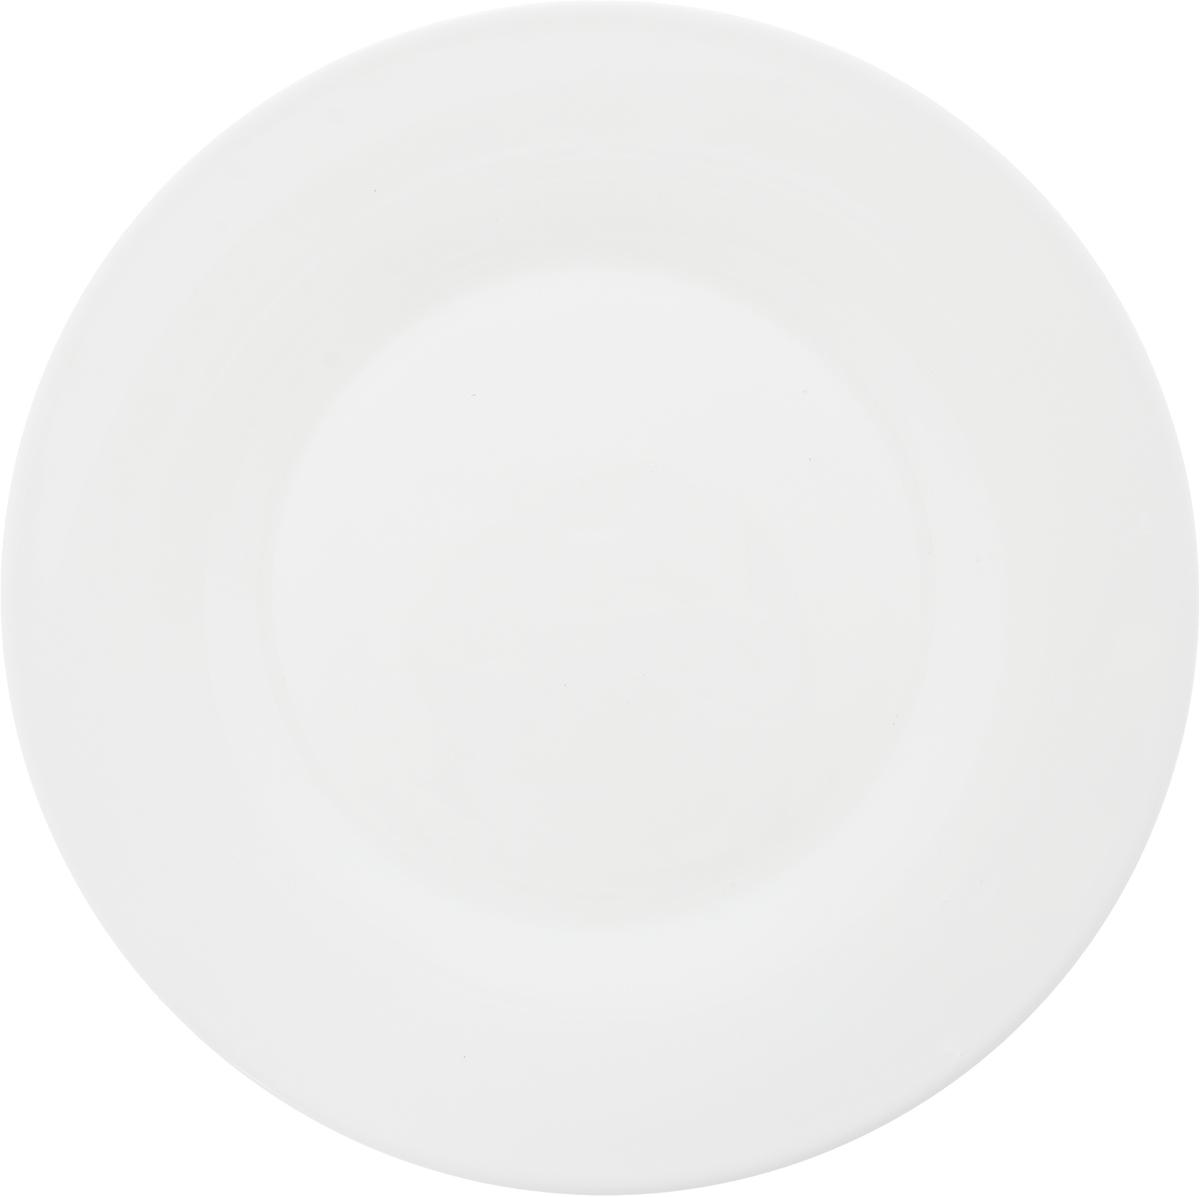 Тарелка обеденная Luminarc Alizee, диаметр 28 смL2582Обеденная тарелка Luminarc Alizee, изготовленная из высококачественного стекла, имеет изысканный внешний вид. Такая тарелка прекрасно подходит как для торжественных случаев, так и для повседневного использования. Она прекрасно оформит стол и станет отличным дополнением к вашей коллекции кухонной посуды.Диаметр тарелки: 28 см.Высота тарелки: 2 см.